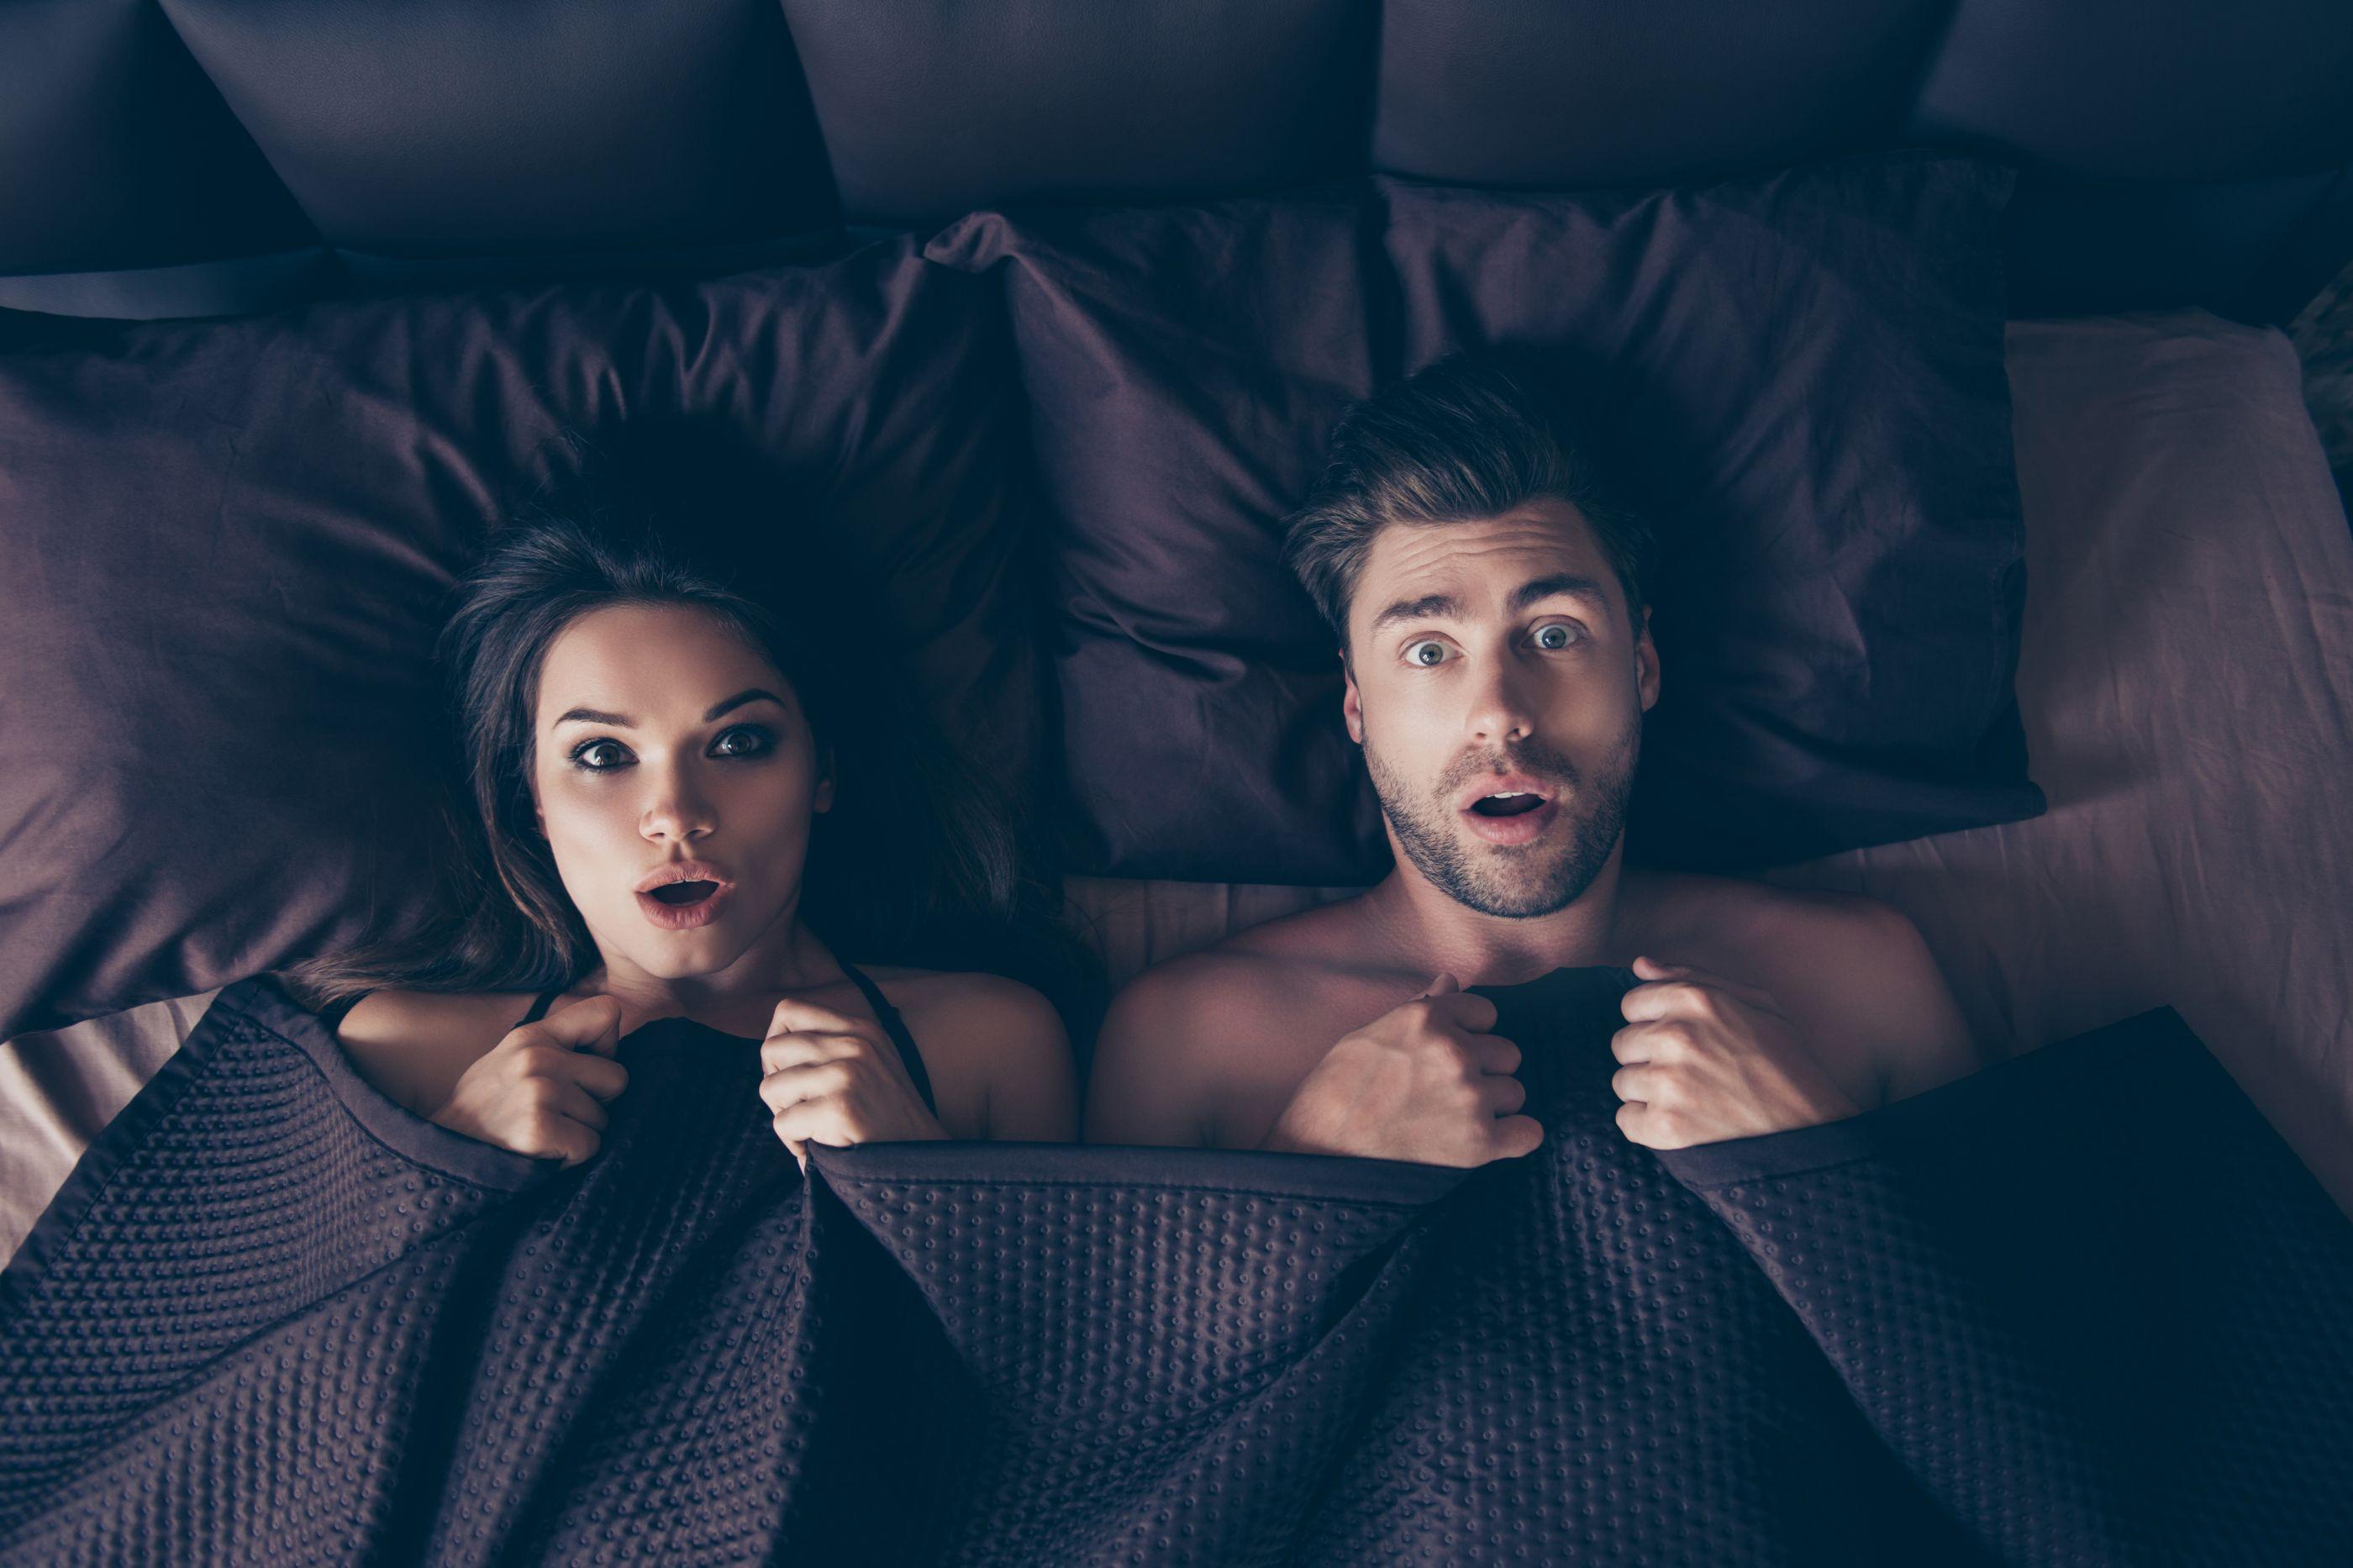 Esta é a posição sexual mais temida… Concorda?